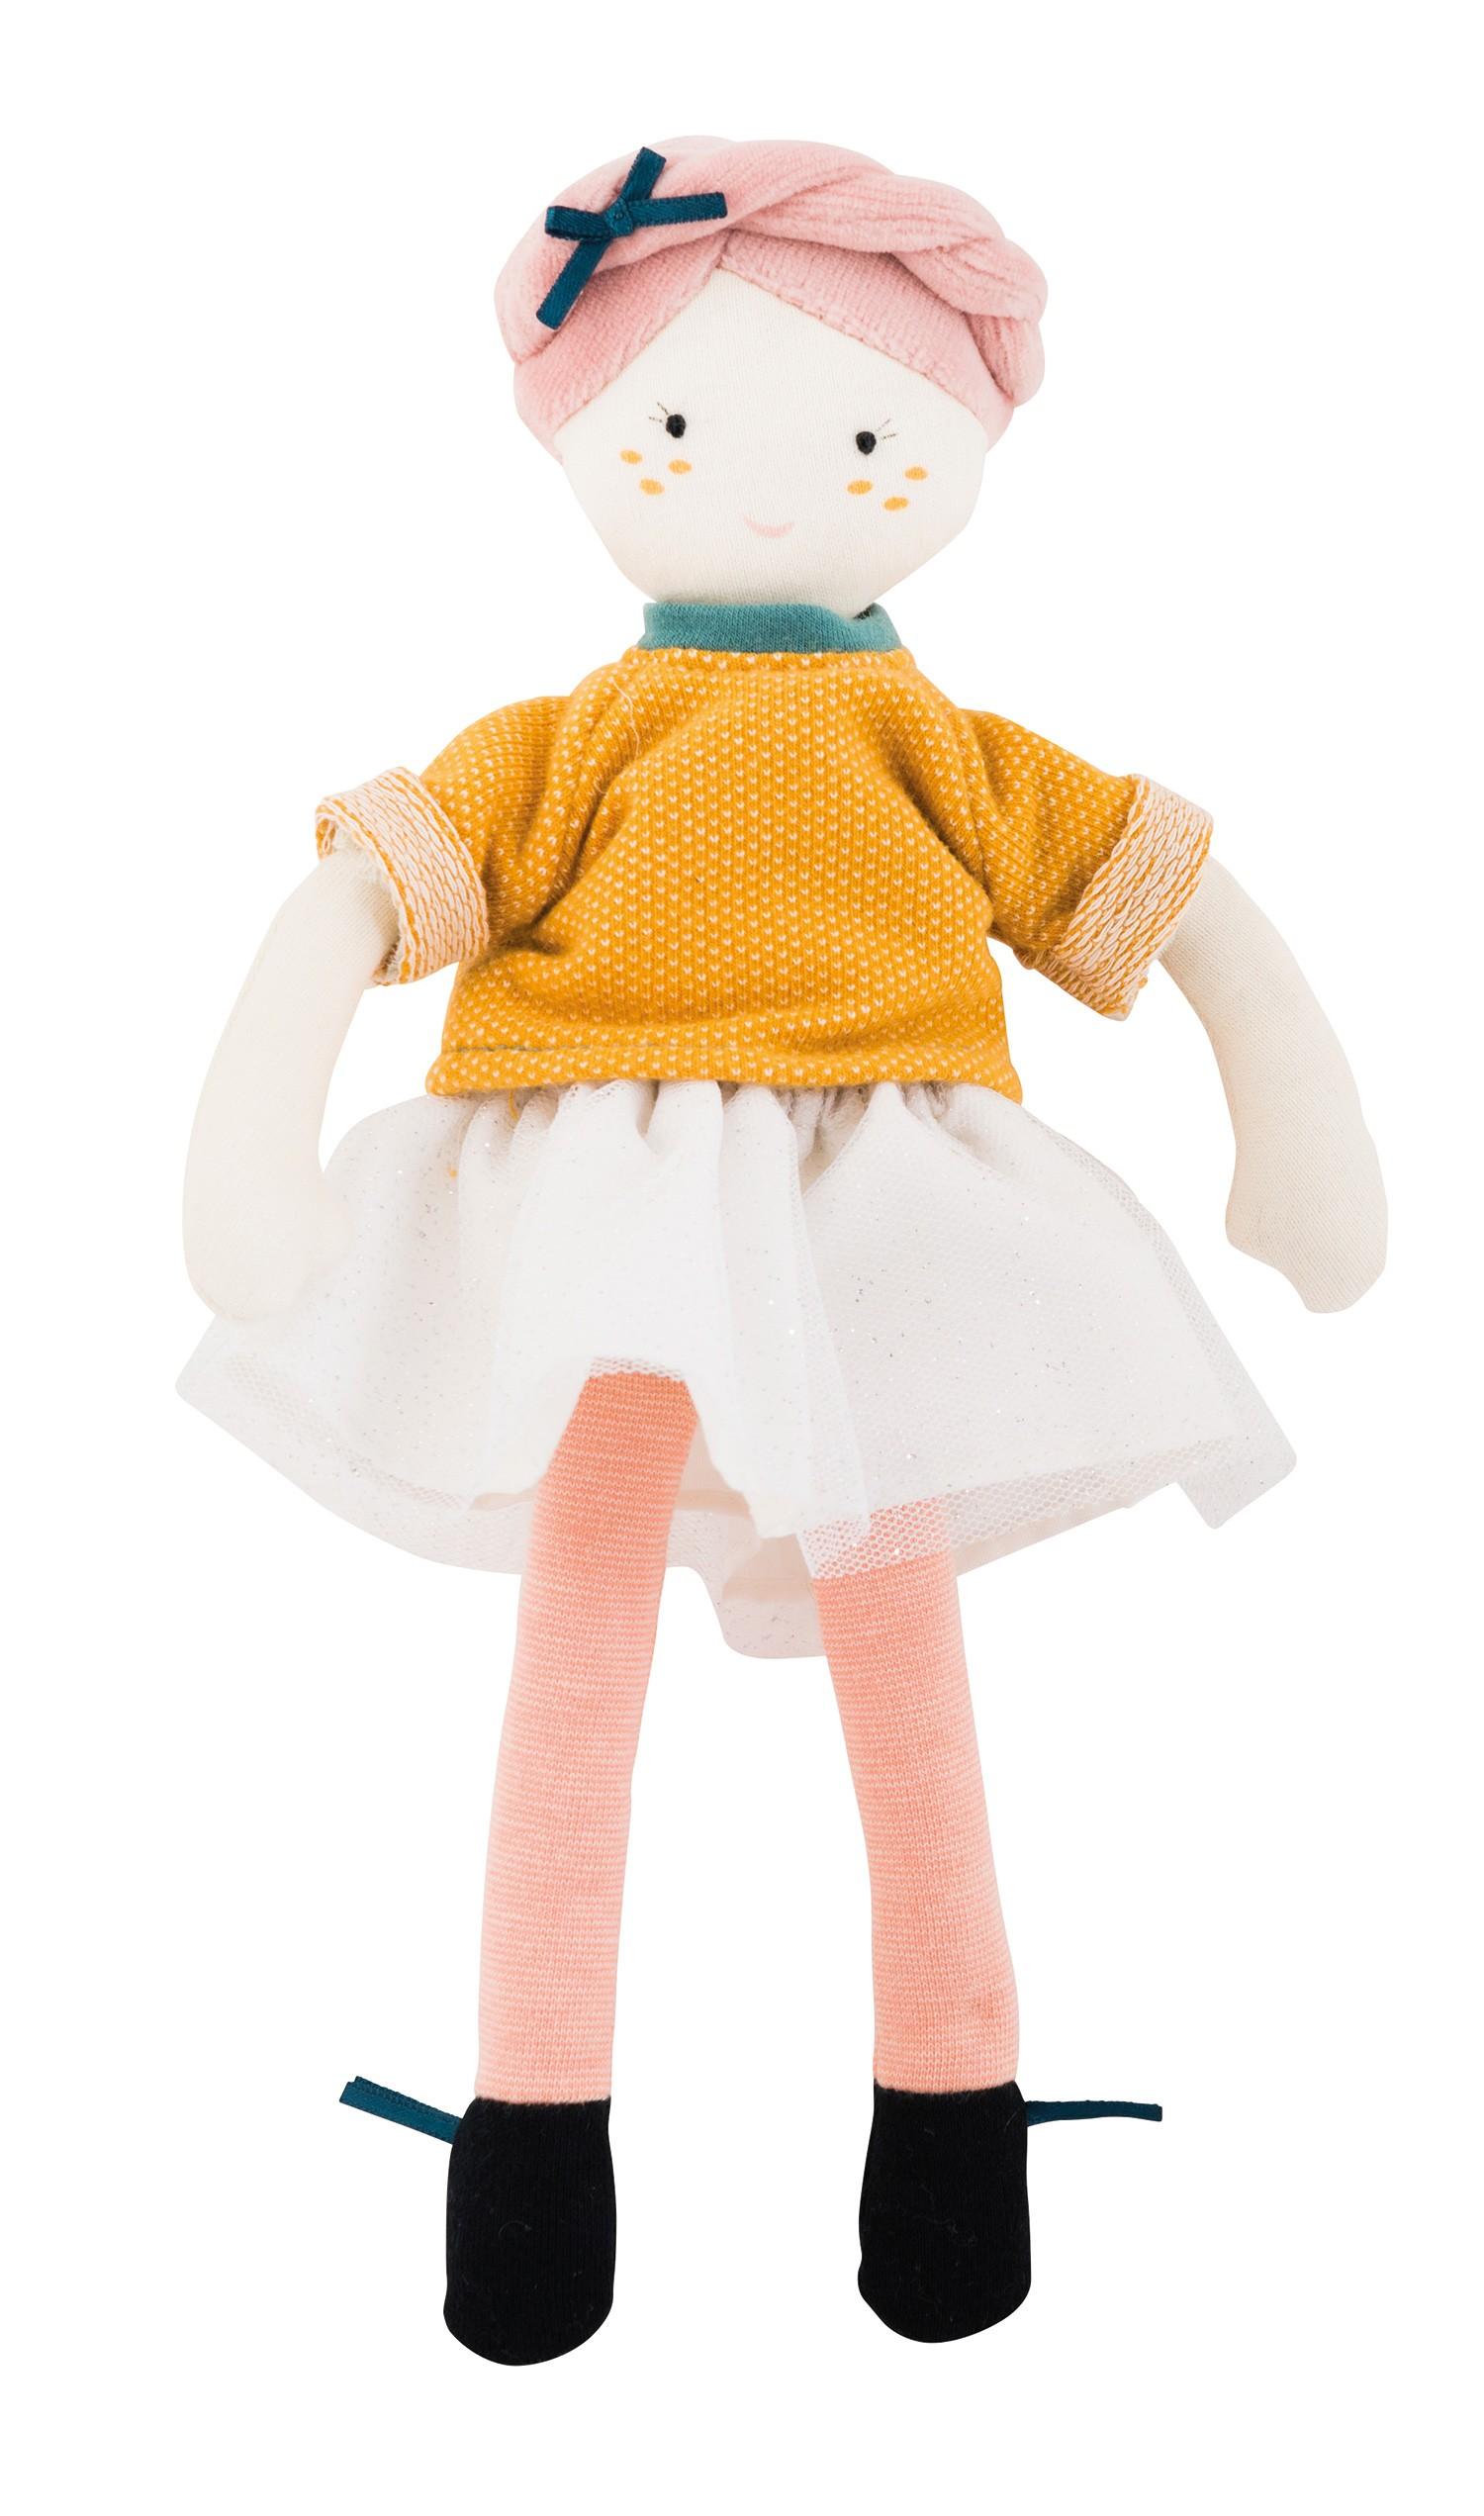 Мягкая кукла - Мадмуазель Элоиза фото